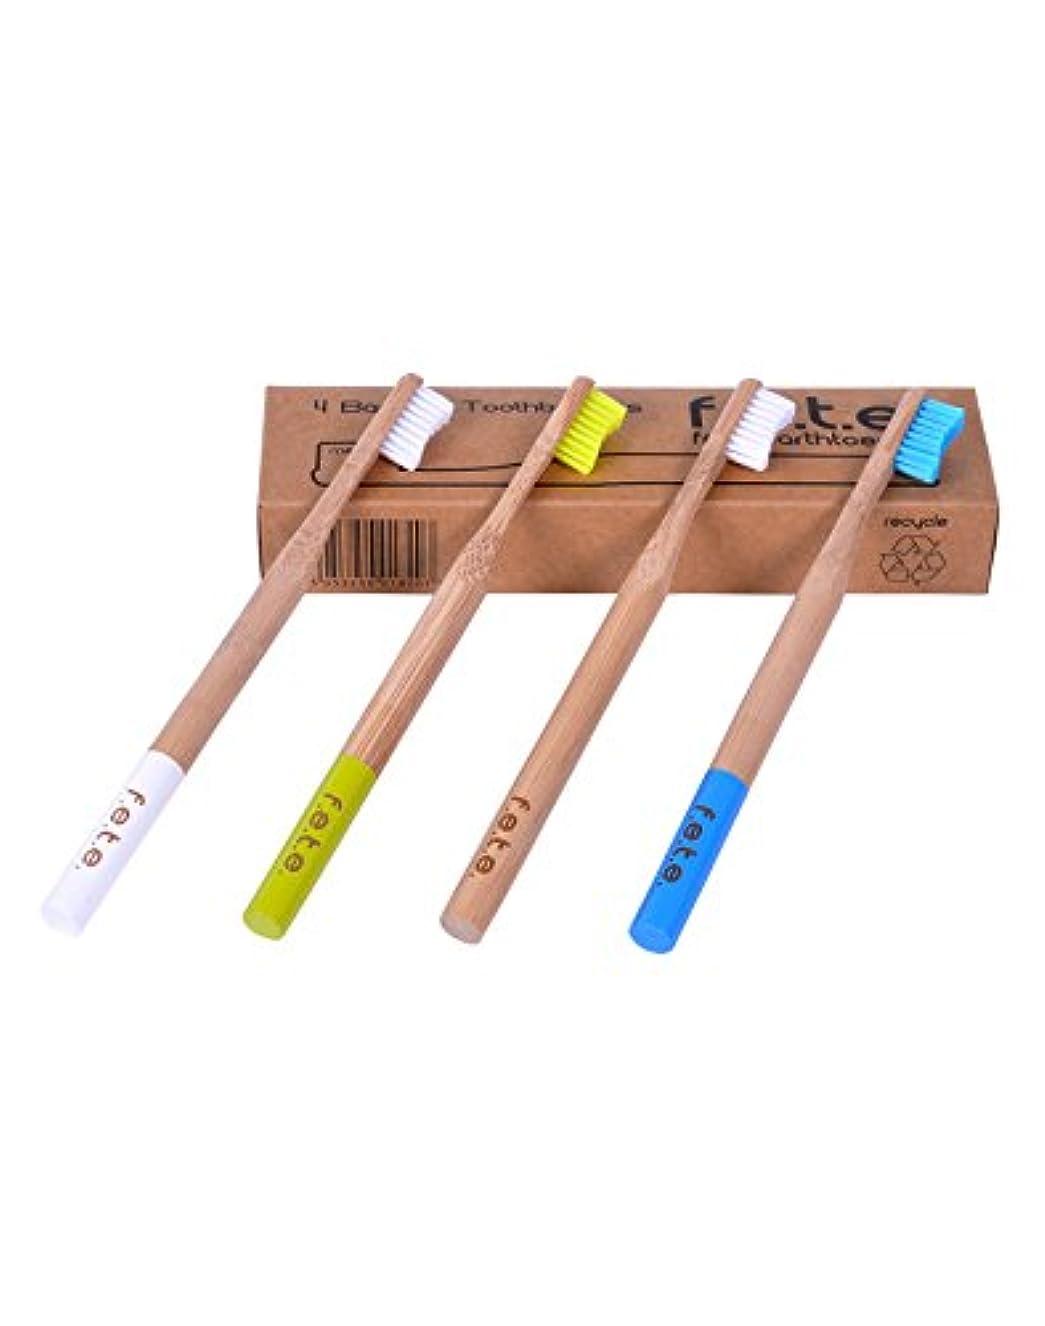 壮大な羊飼い水差しBamboo toothbrush Best Eco-Friendly biodegradable Bamboo Handles and BPA-Free Non-Plastic Nylon Bristles For Natural...